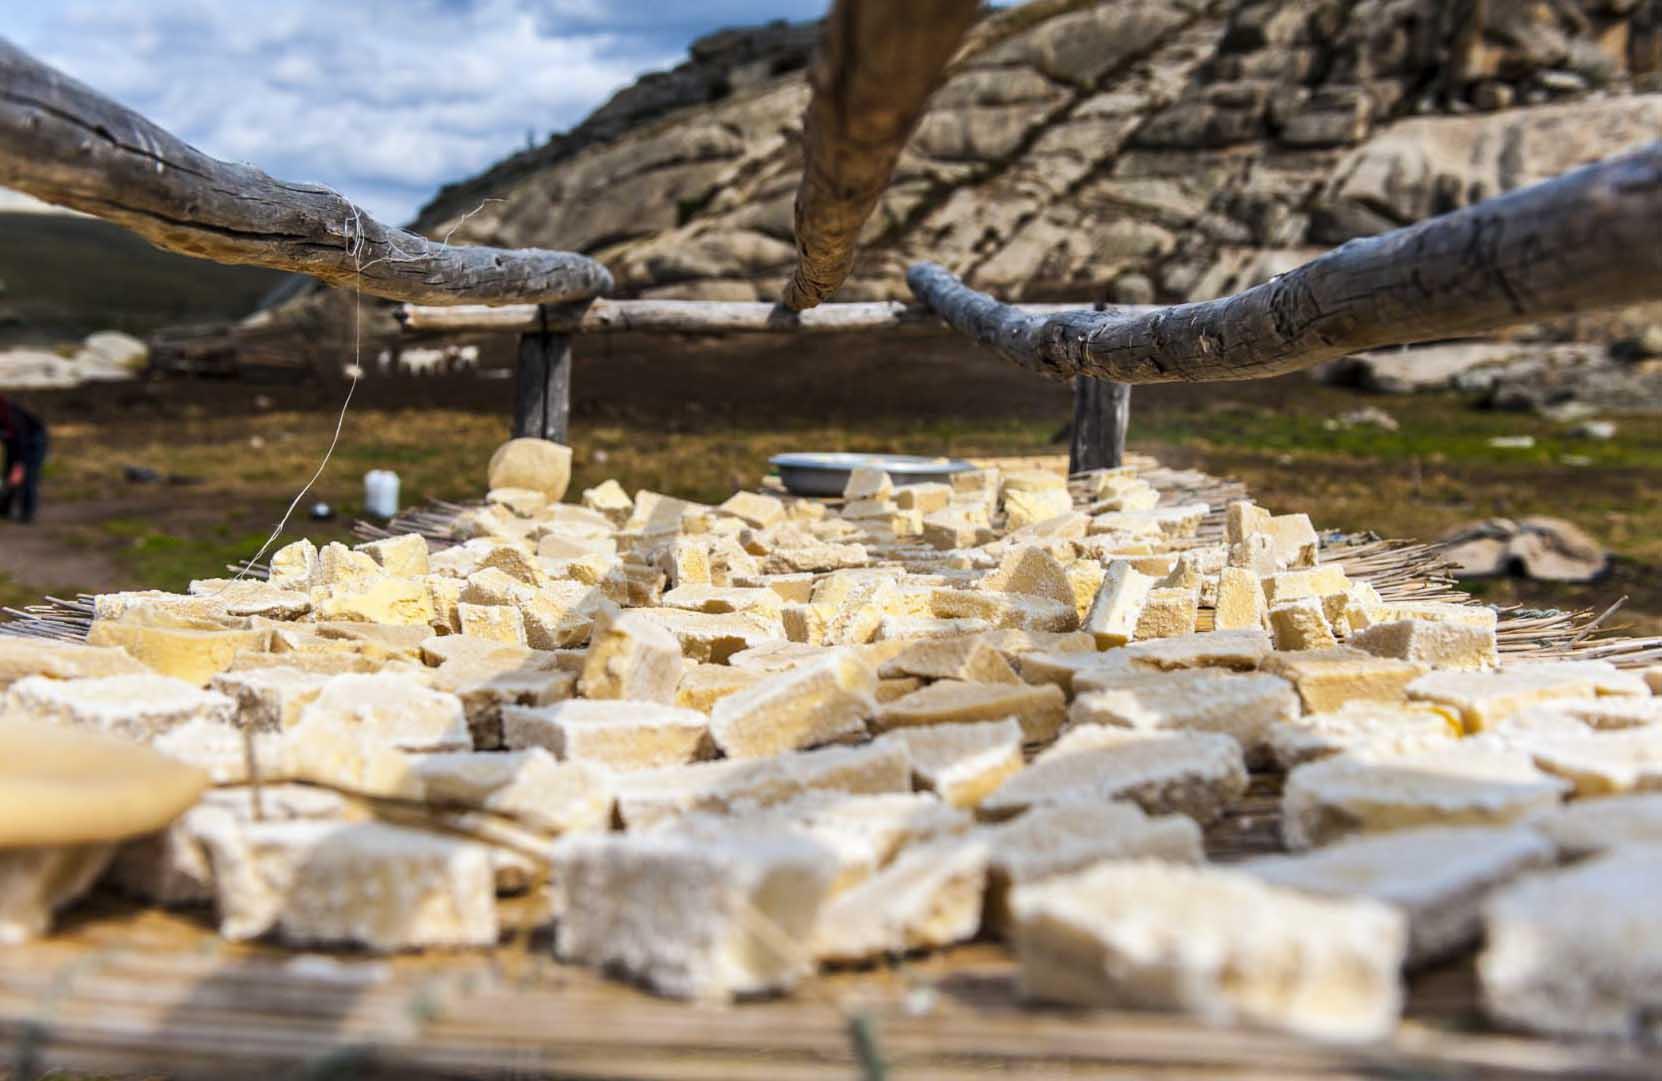 新疆旅游美食攻略之奶疙瘩與奶酪